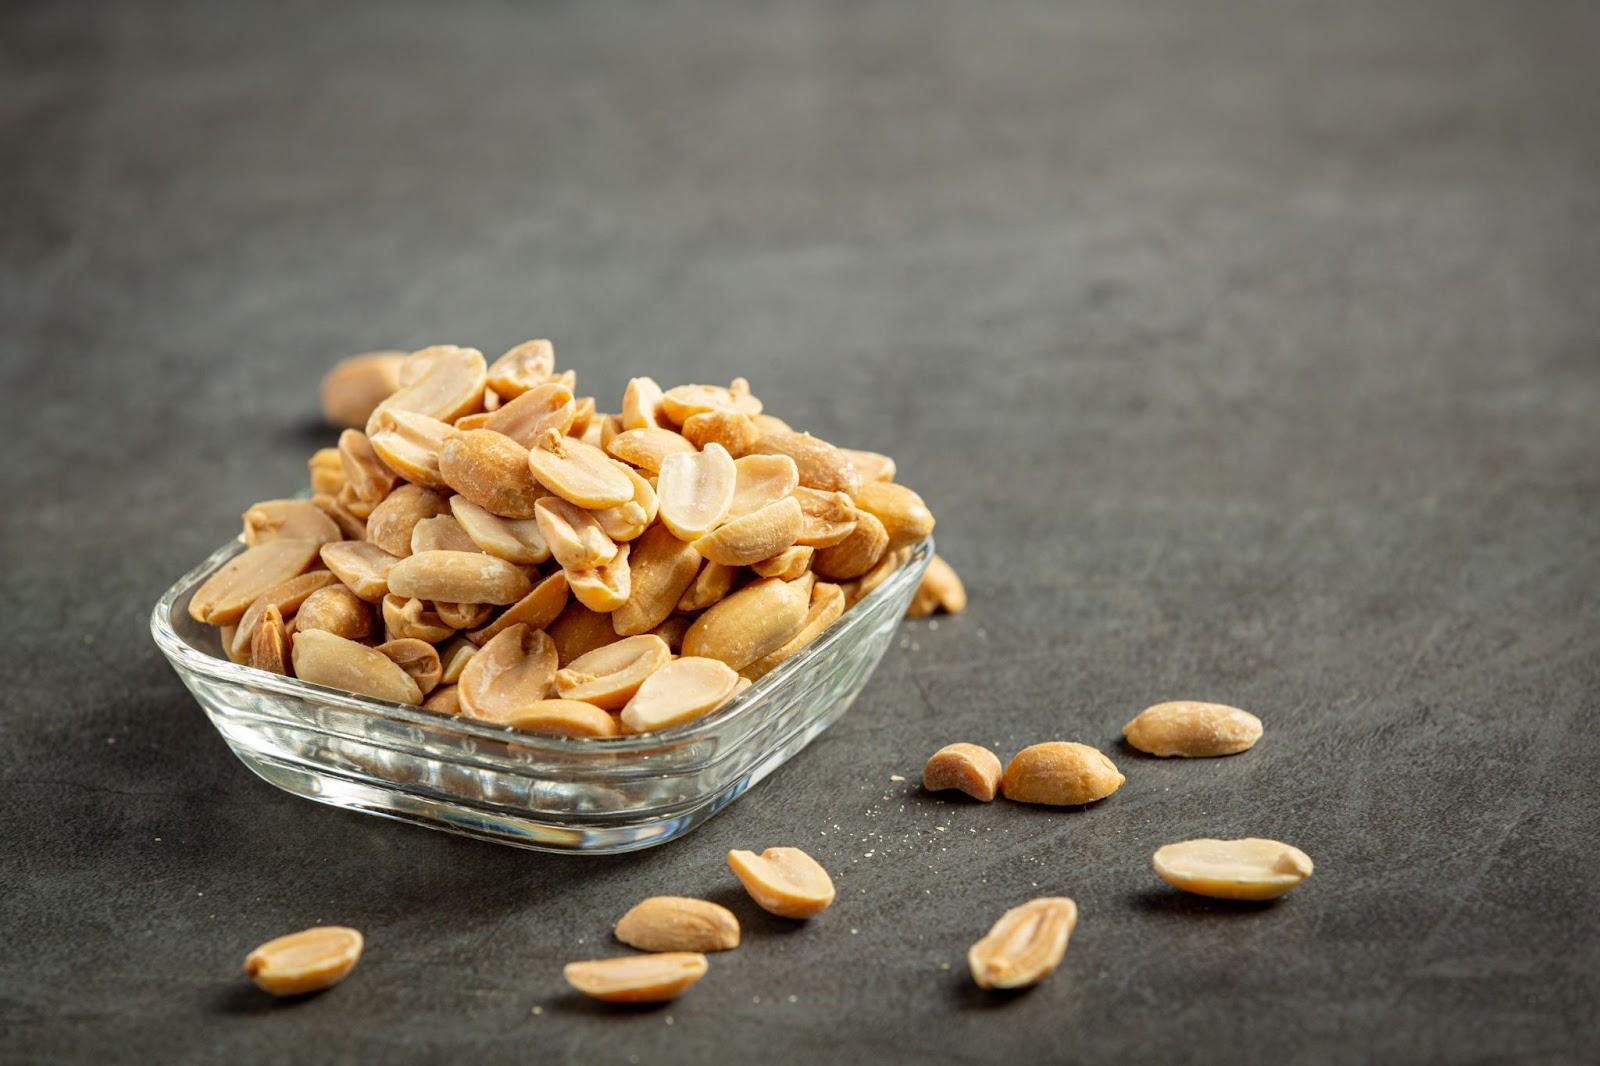 Imagem de uma porção de amendoim para comer depois de aprender como gelar cerveja rápido